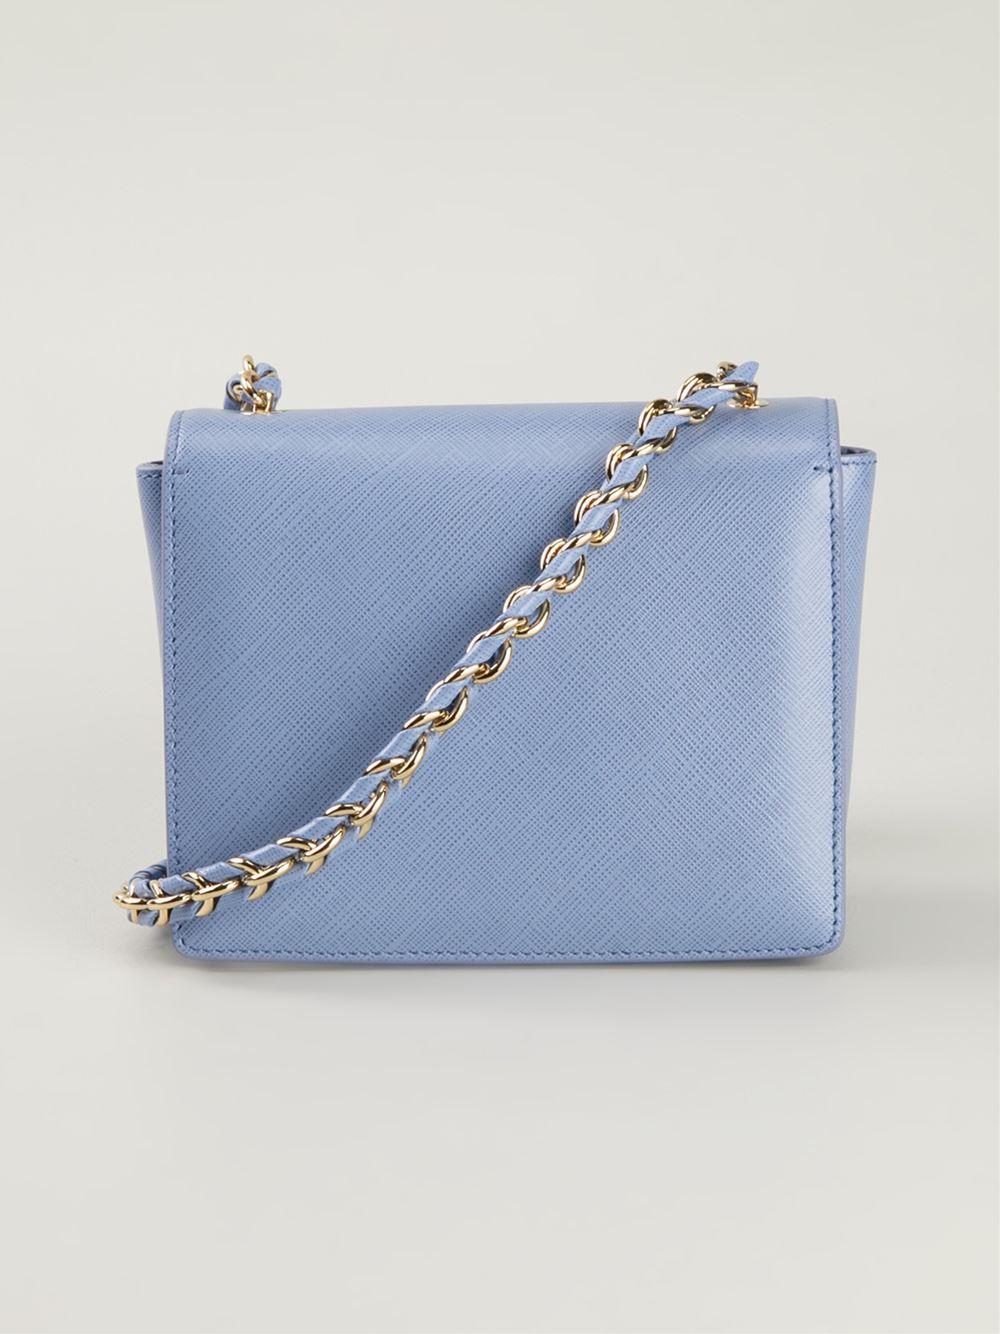 03cd1ac6da25 Ferragamo  Ginny  Crossbody Bag in Blue - Lyst